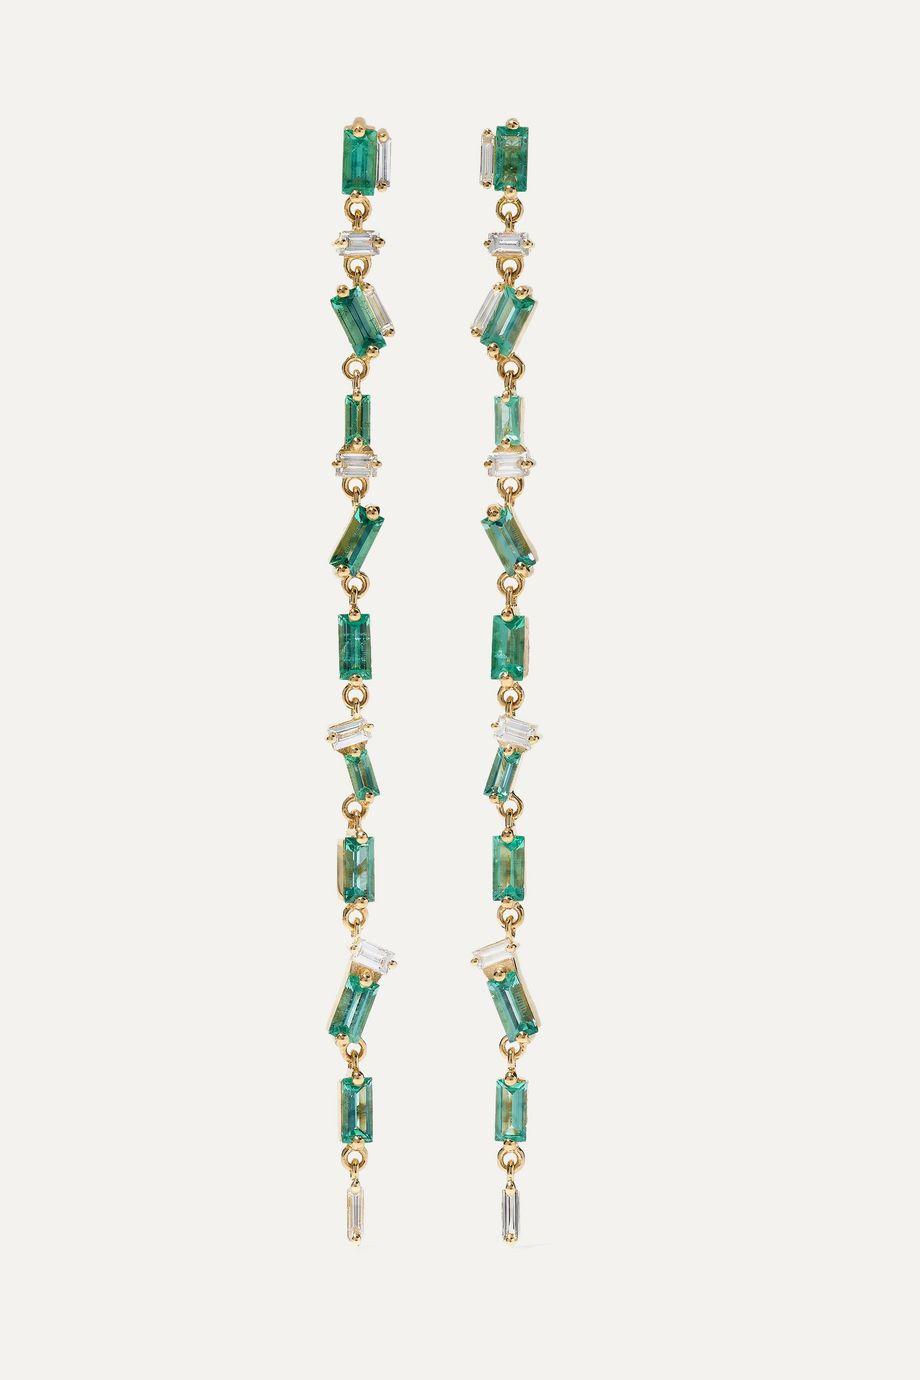 Suzanne Kalan Boucles d'oreilles en or 18carats, émeraudes et diamants